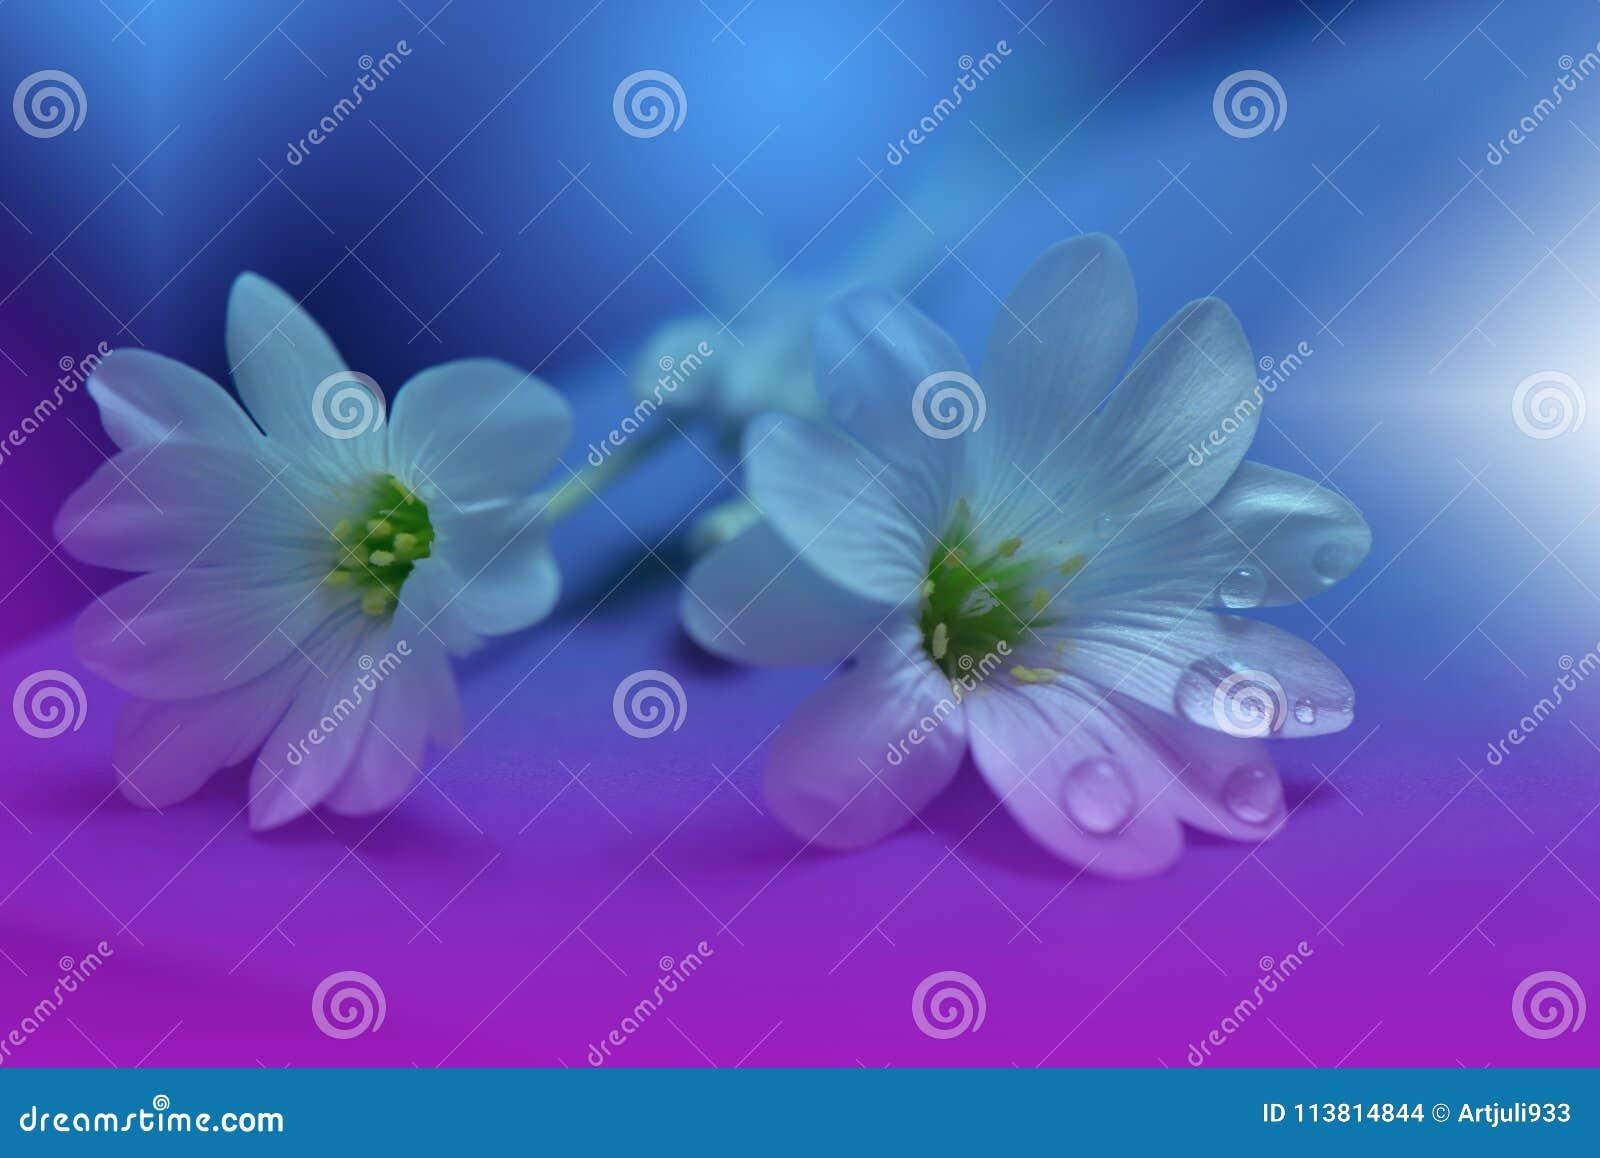 Blom- fjäder för abstrakt konstbakgrundsdesign Liten droppe droppe Lilor blomma Vårgränsbakgrund